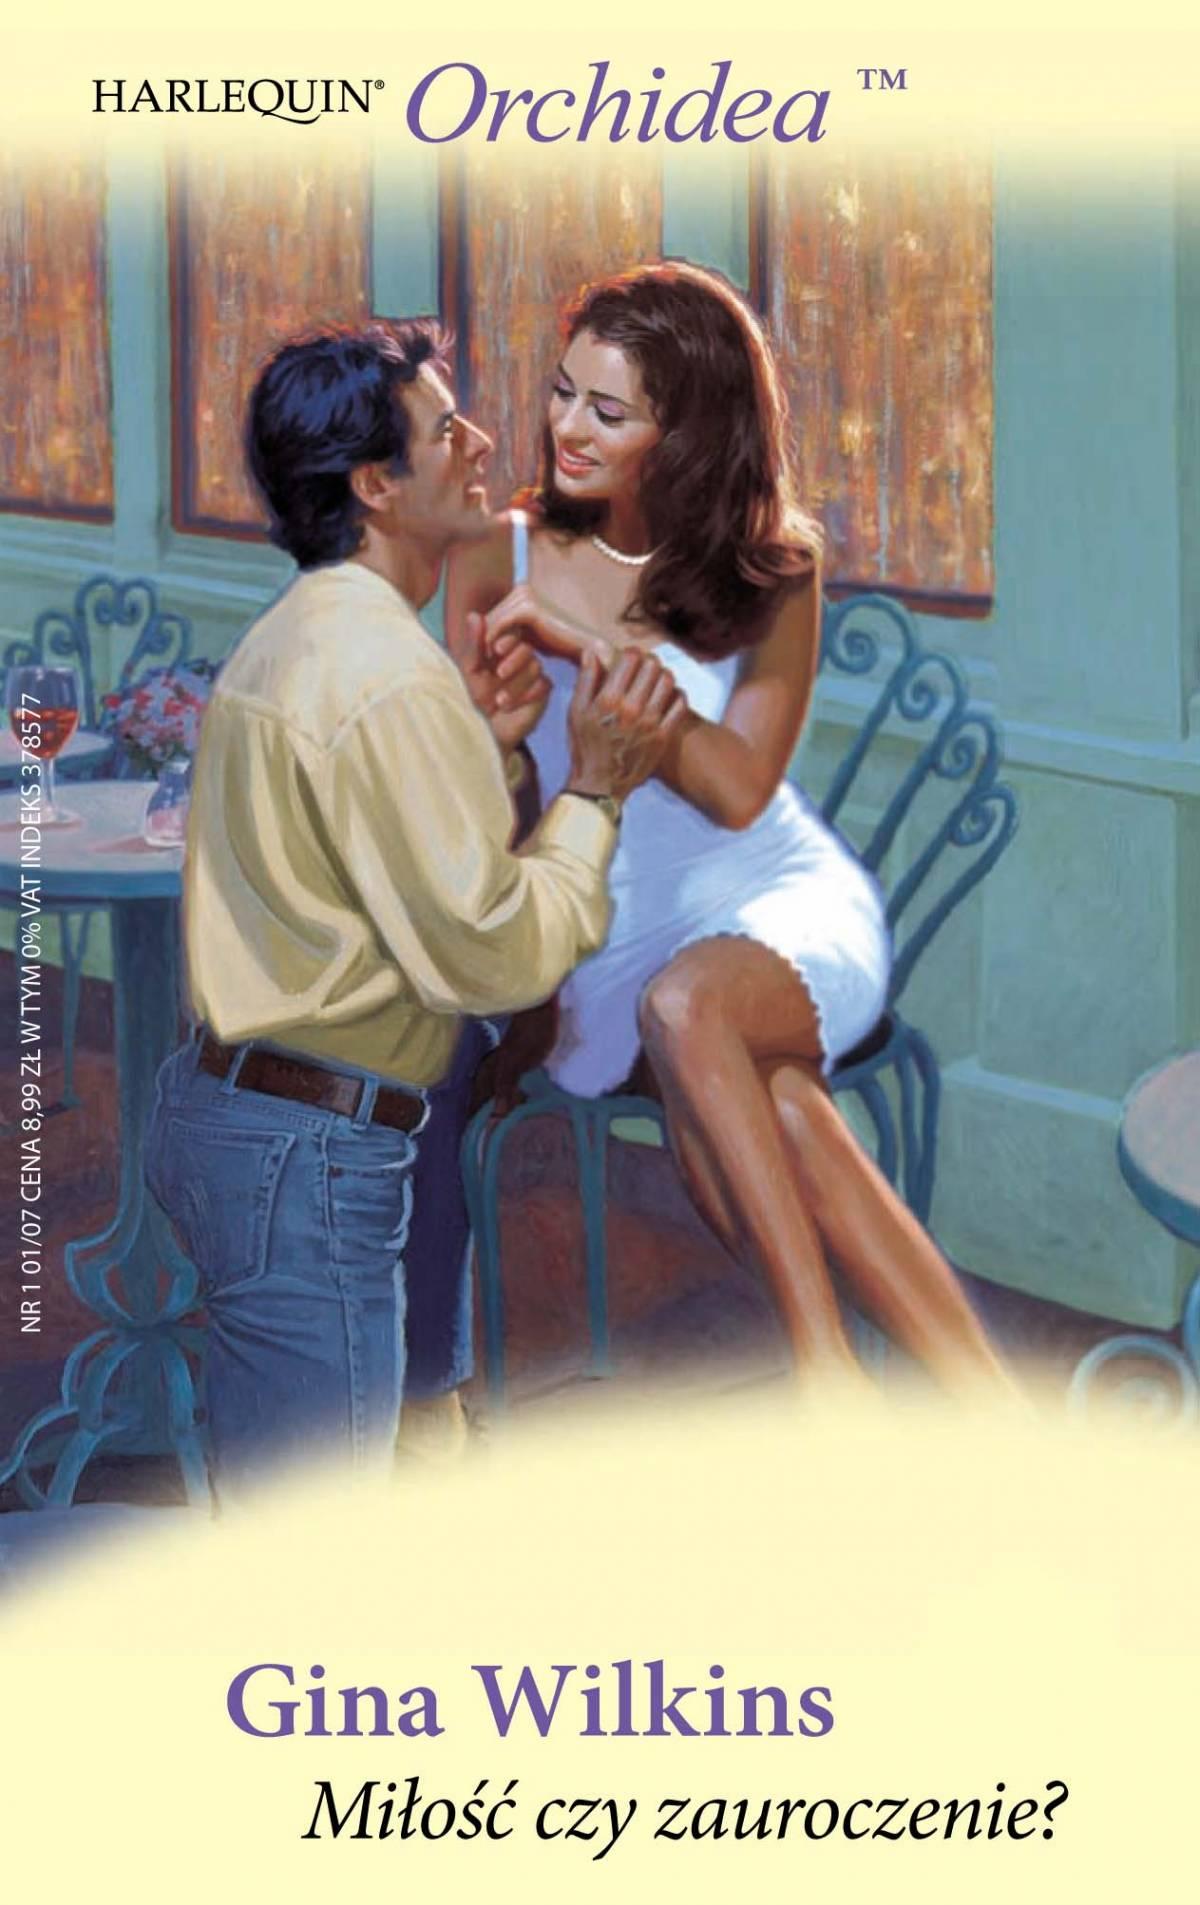 Miłość czy zauroczenie - Ebook (Książka PDF) do pobrania w formacie PDF